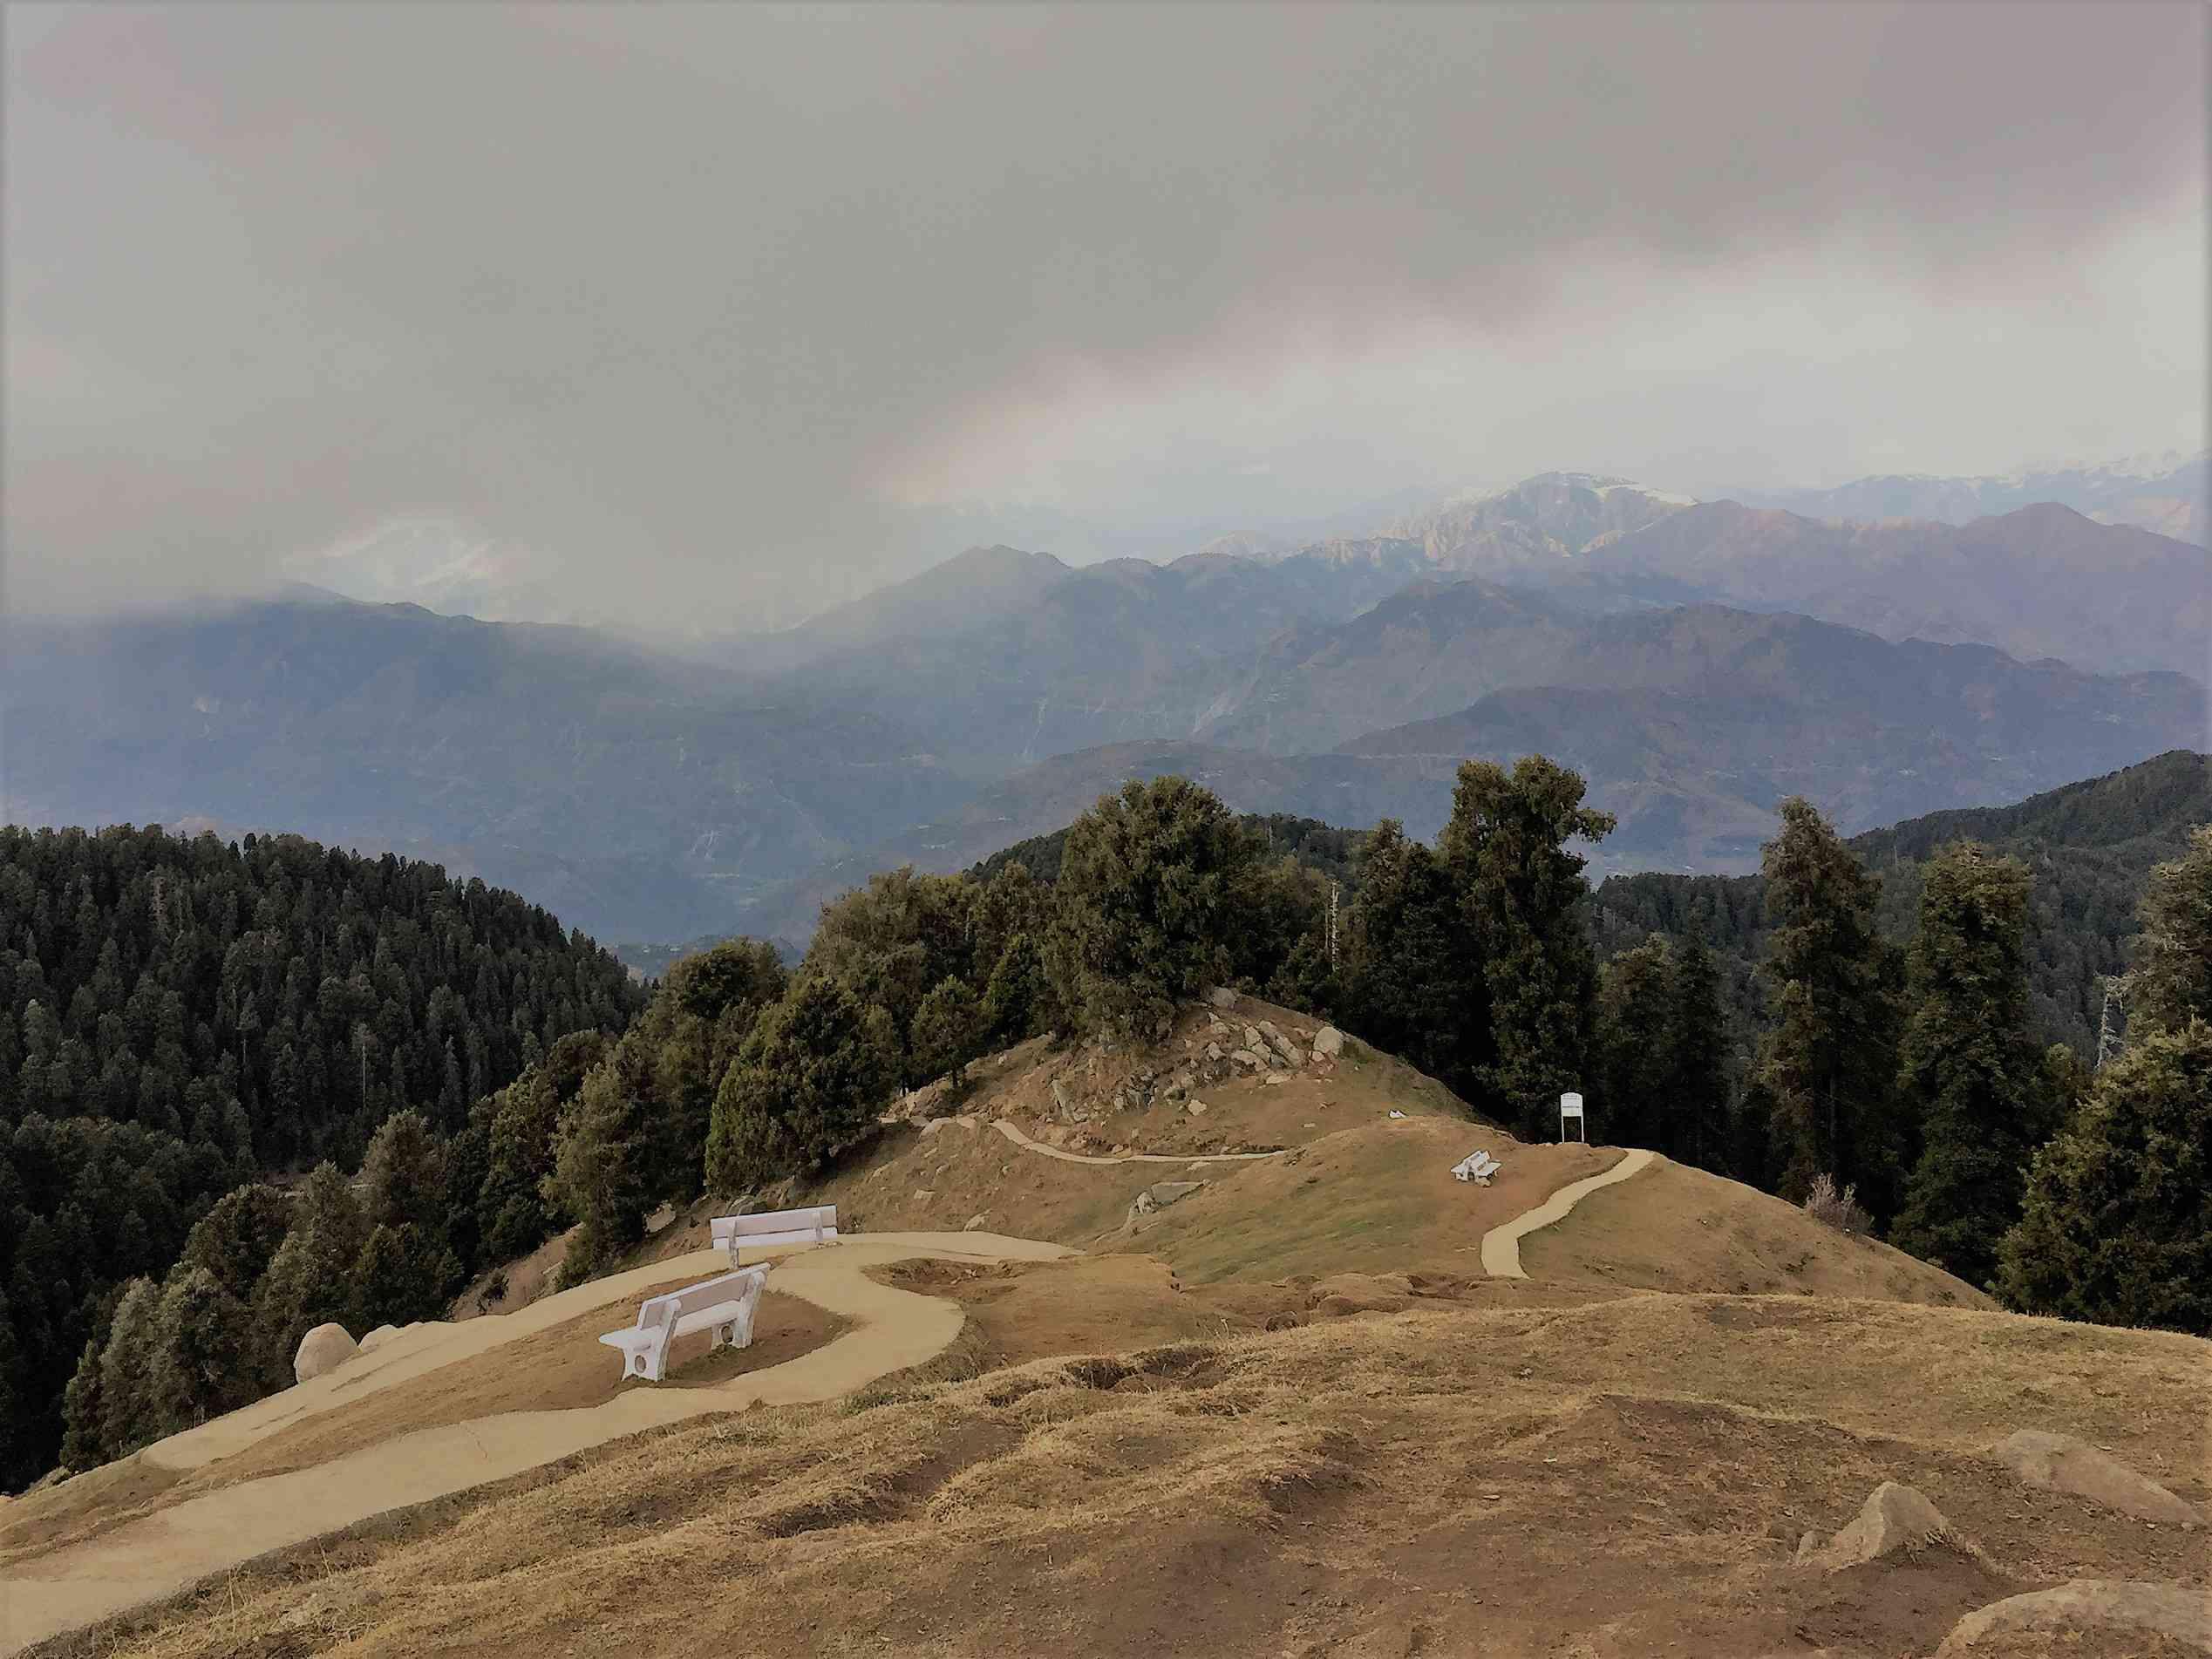 Mountain range,Dainkund peak Dalhousie,India